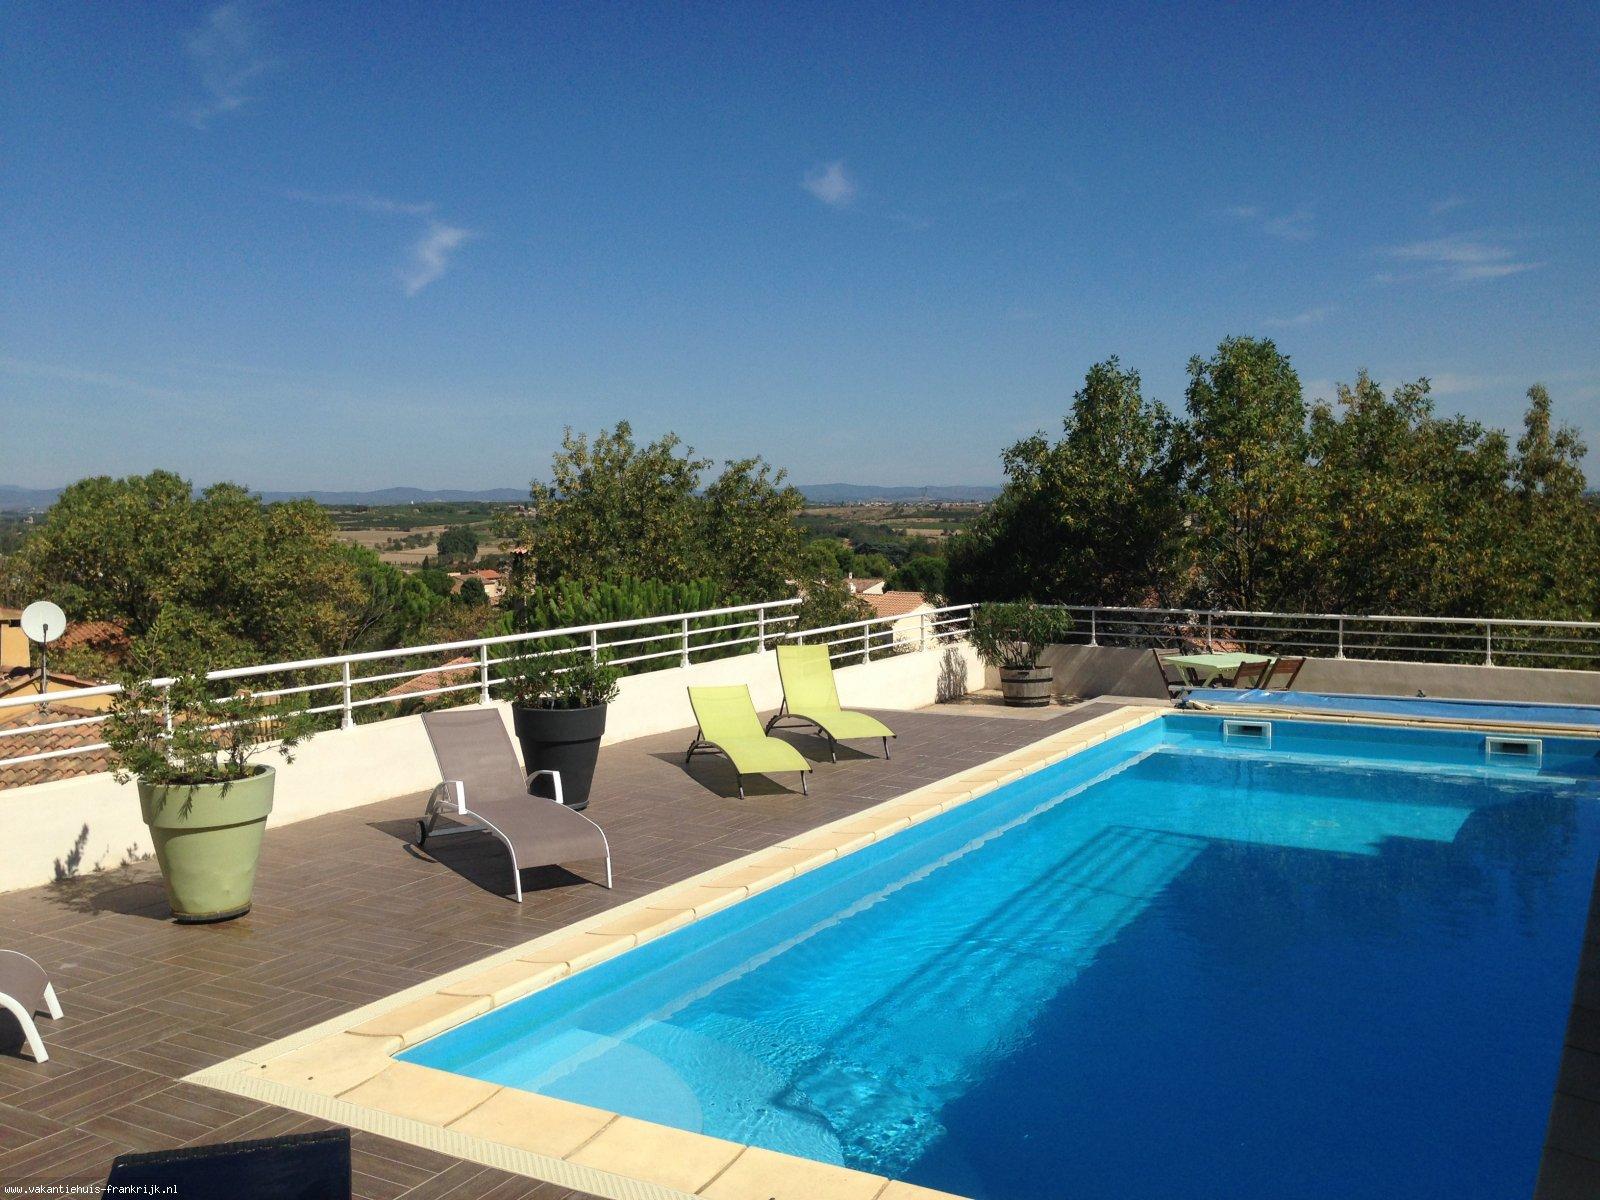 Vakantiehuis: Luxe vakantievilla met groot privé zwembad, 15min vanaf het strand te huur voor uw vakantie in Herault (Frankrijk)